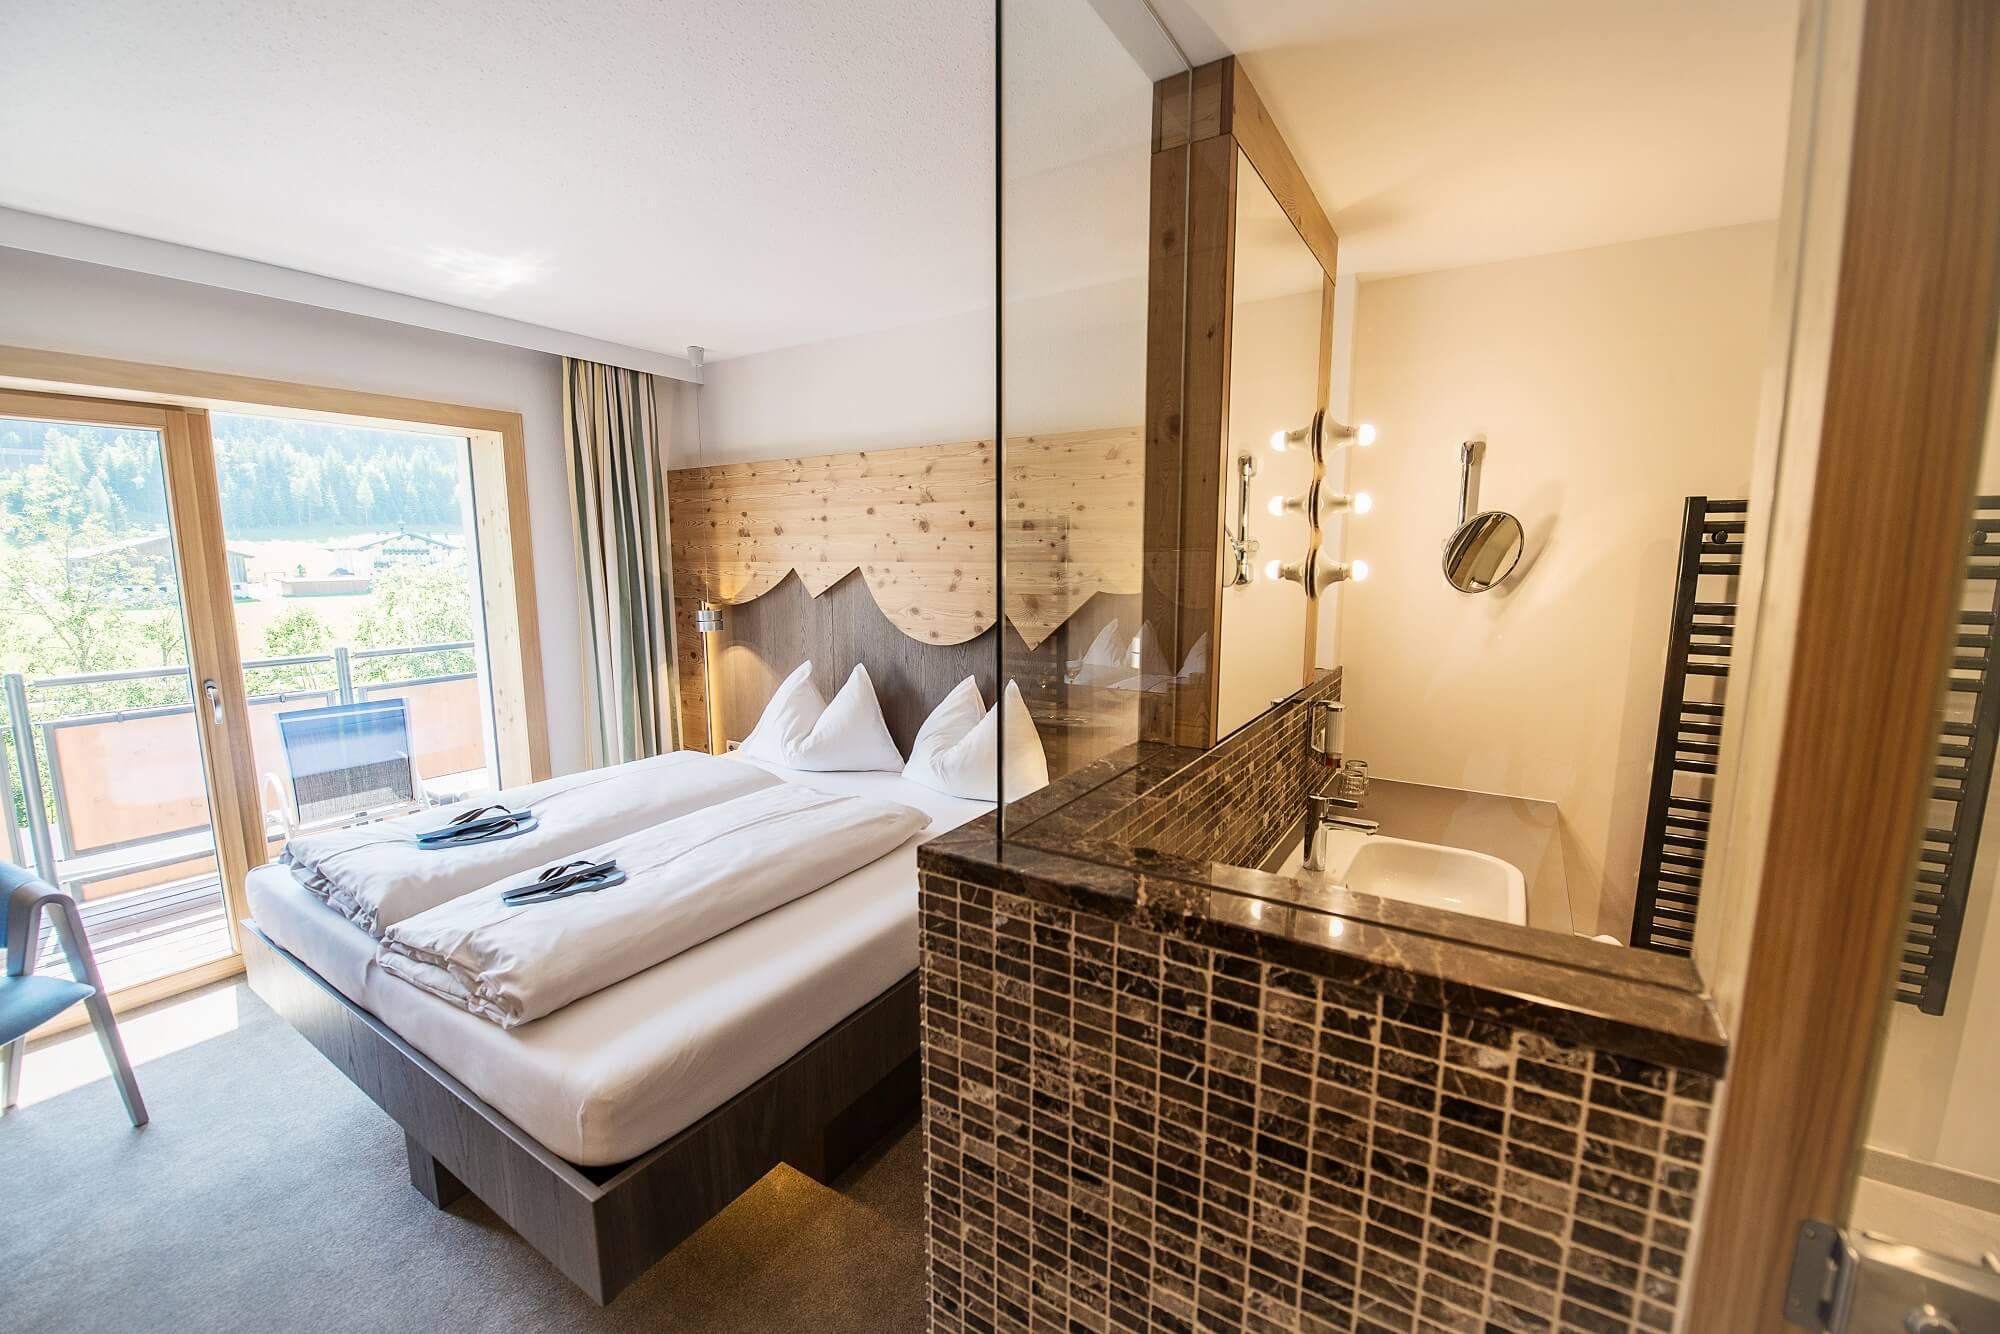 designzimmer_neu_tauernhof_hotel_flachau (43)